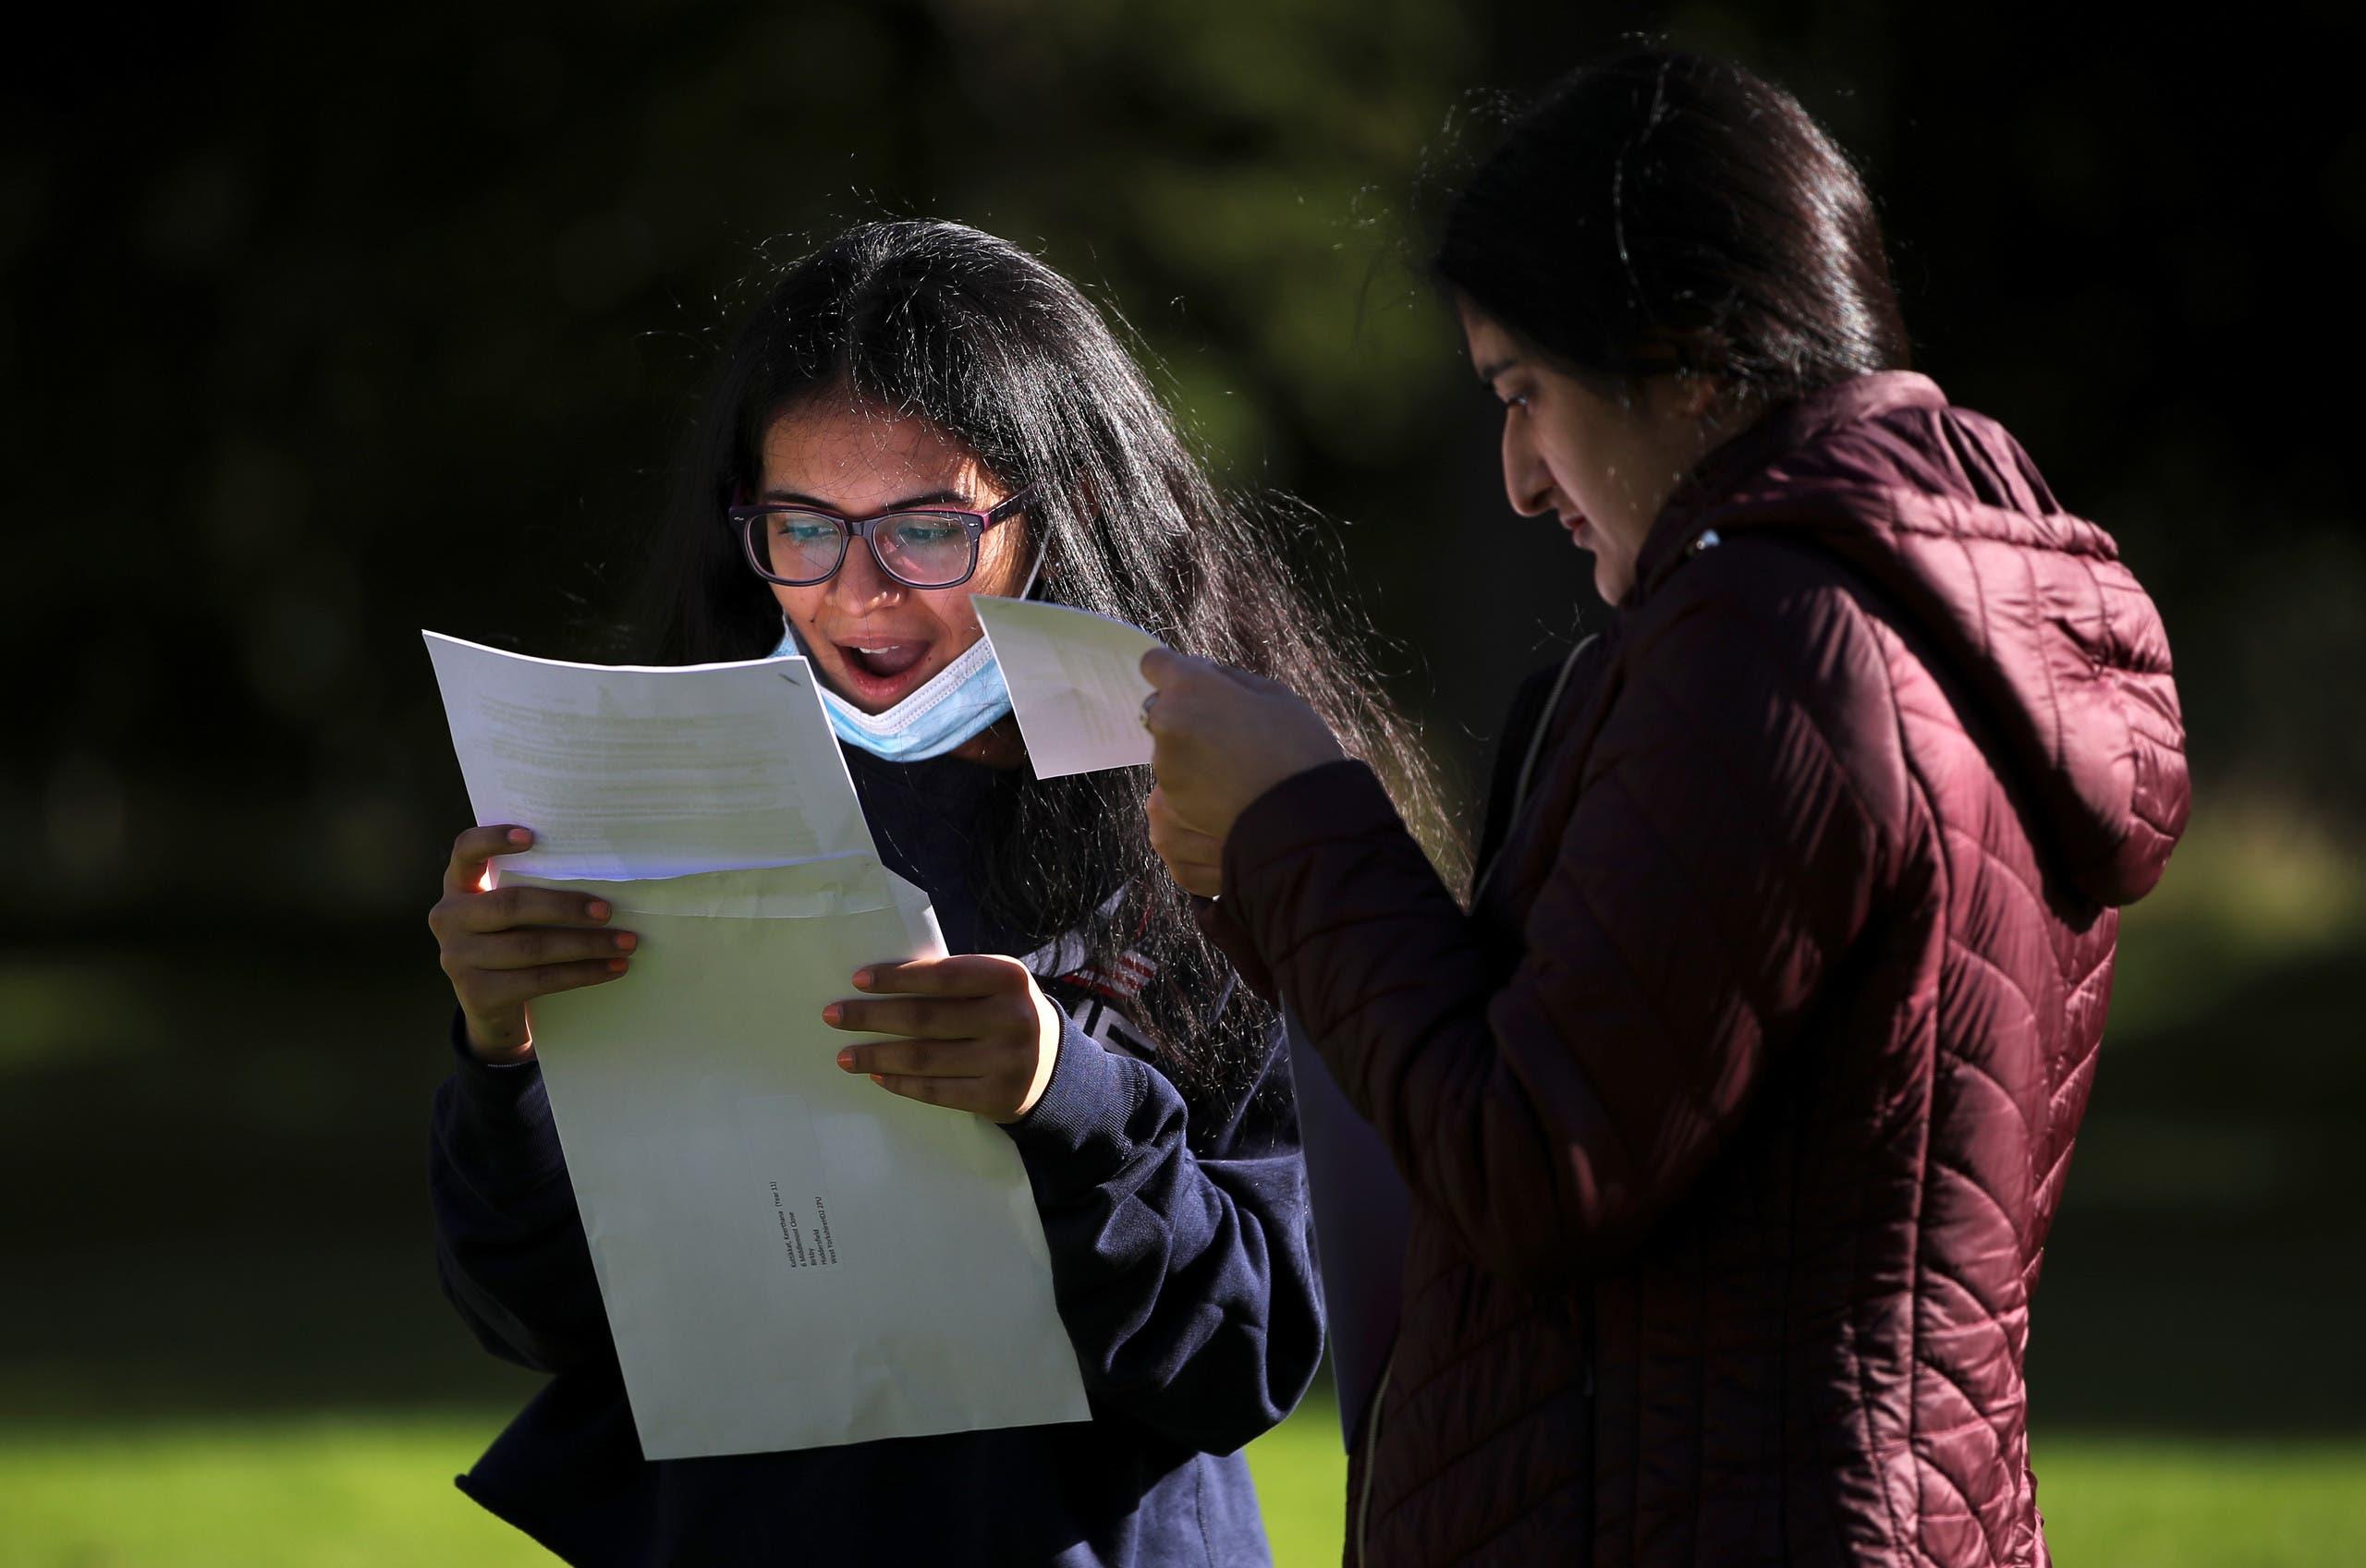 طلاب يتلقون نتائج الثانوية في هاليفاكس